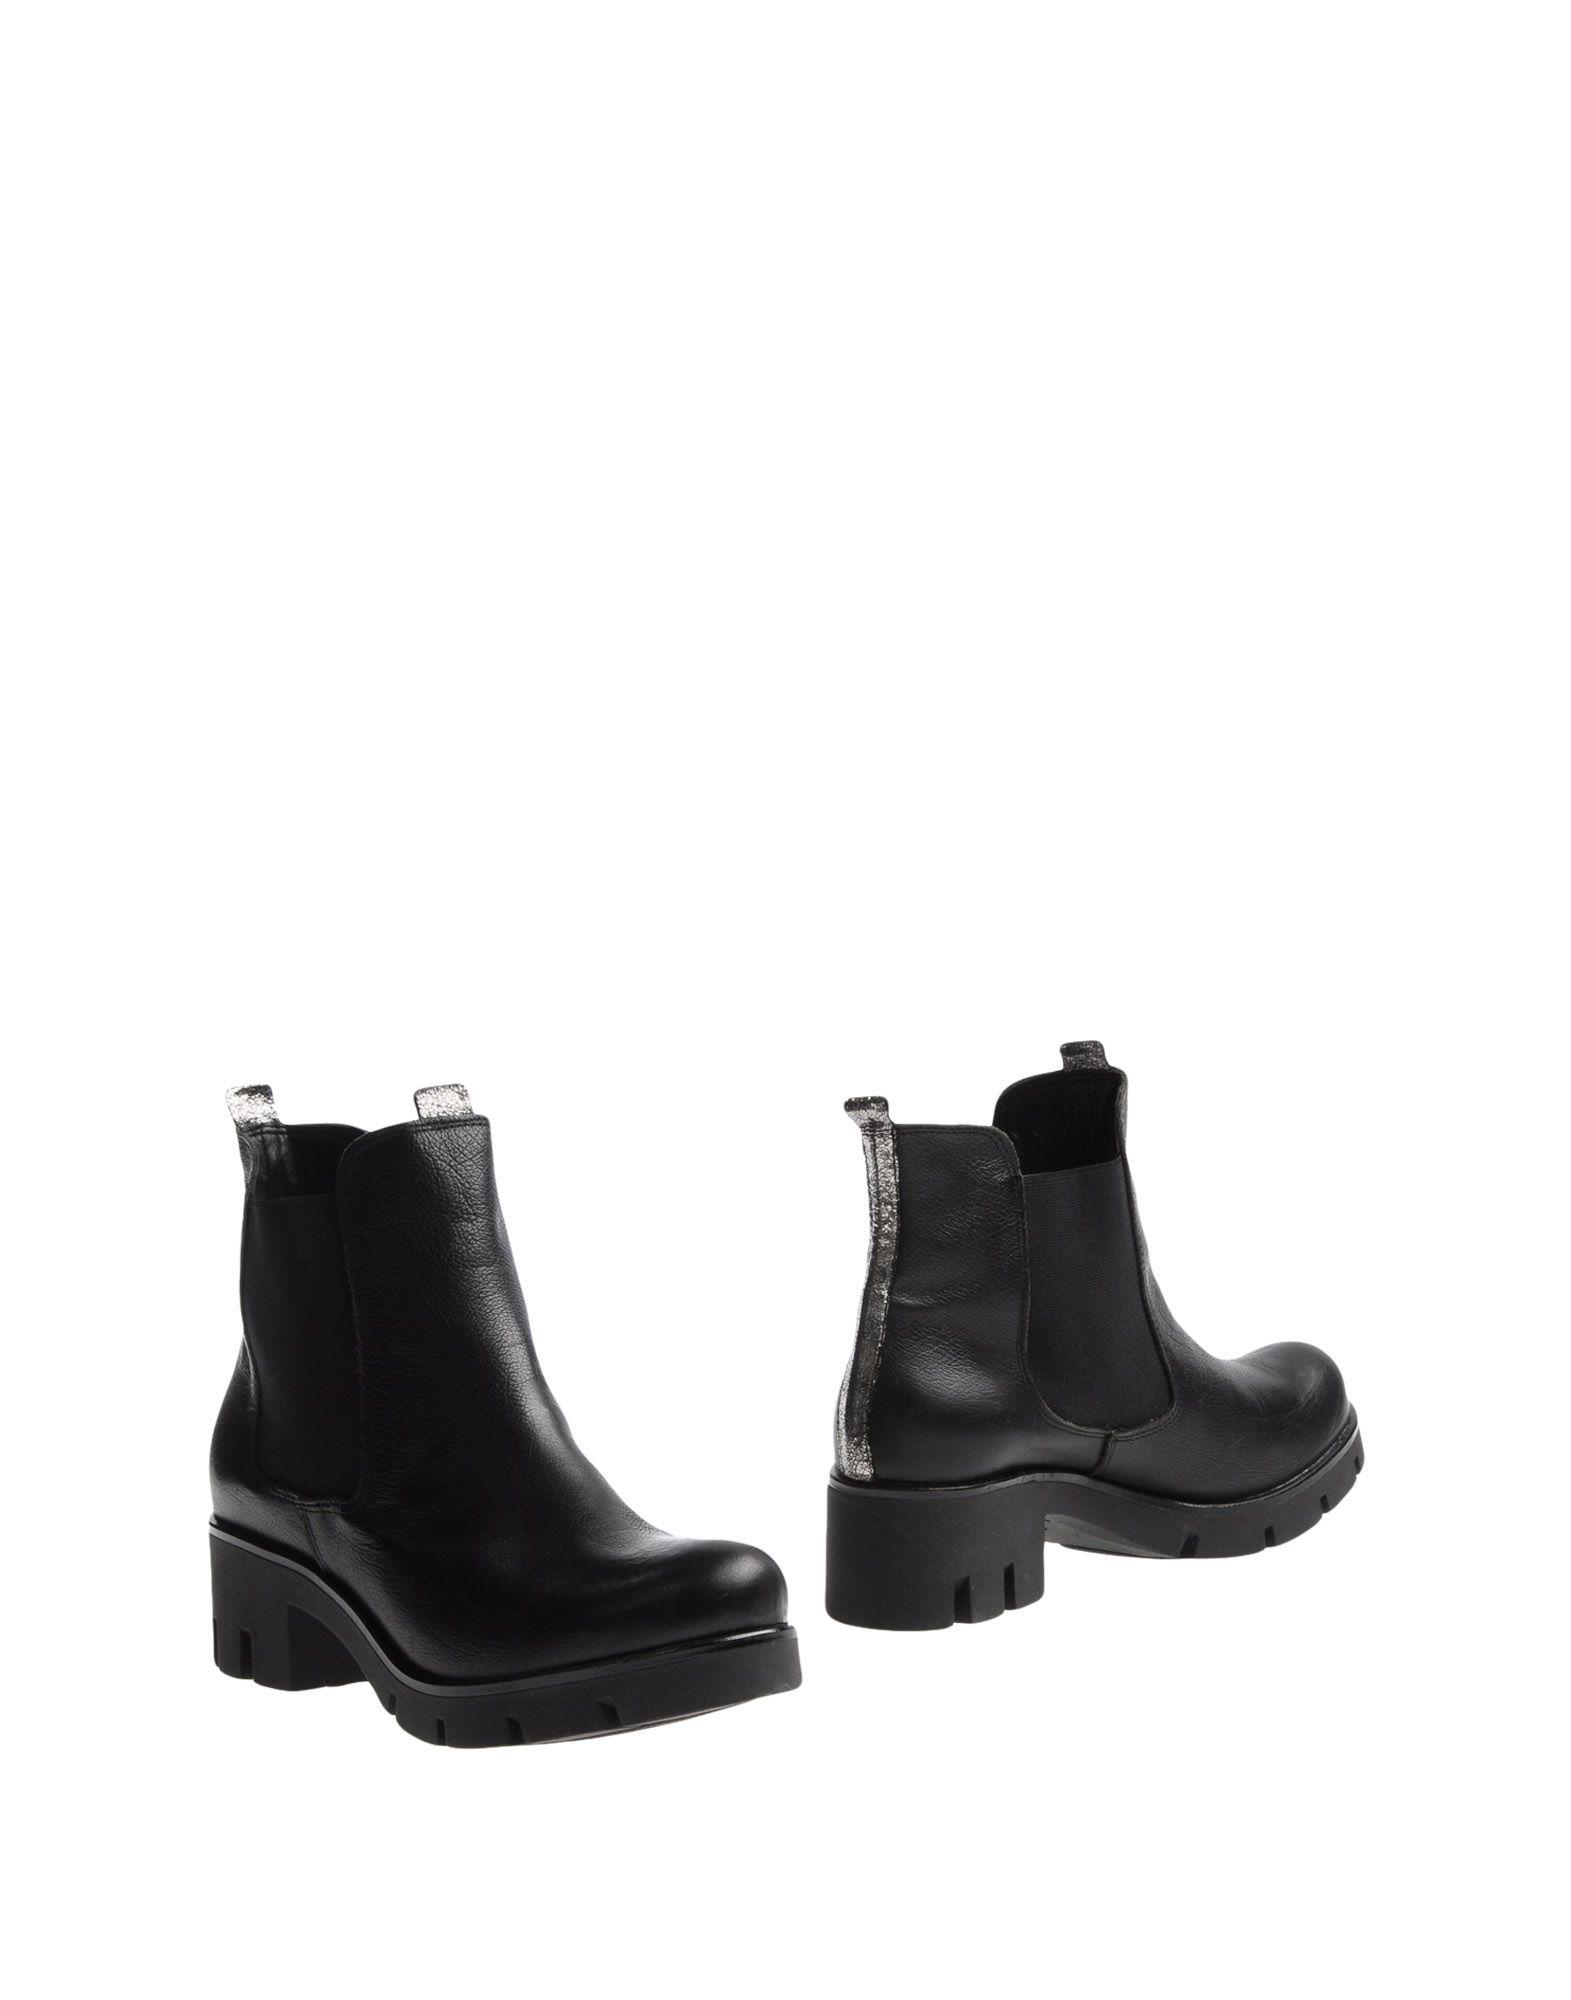 Geneve Chelsea Boots Qualität Damen  11307596BQ Gute Qualität Boots beliebte Schuhe 4cde99